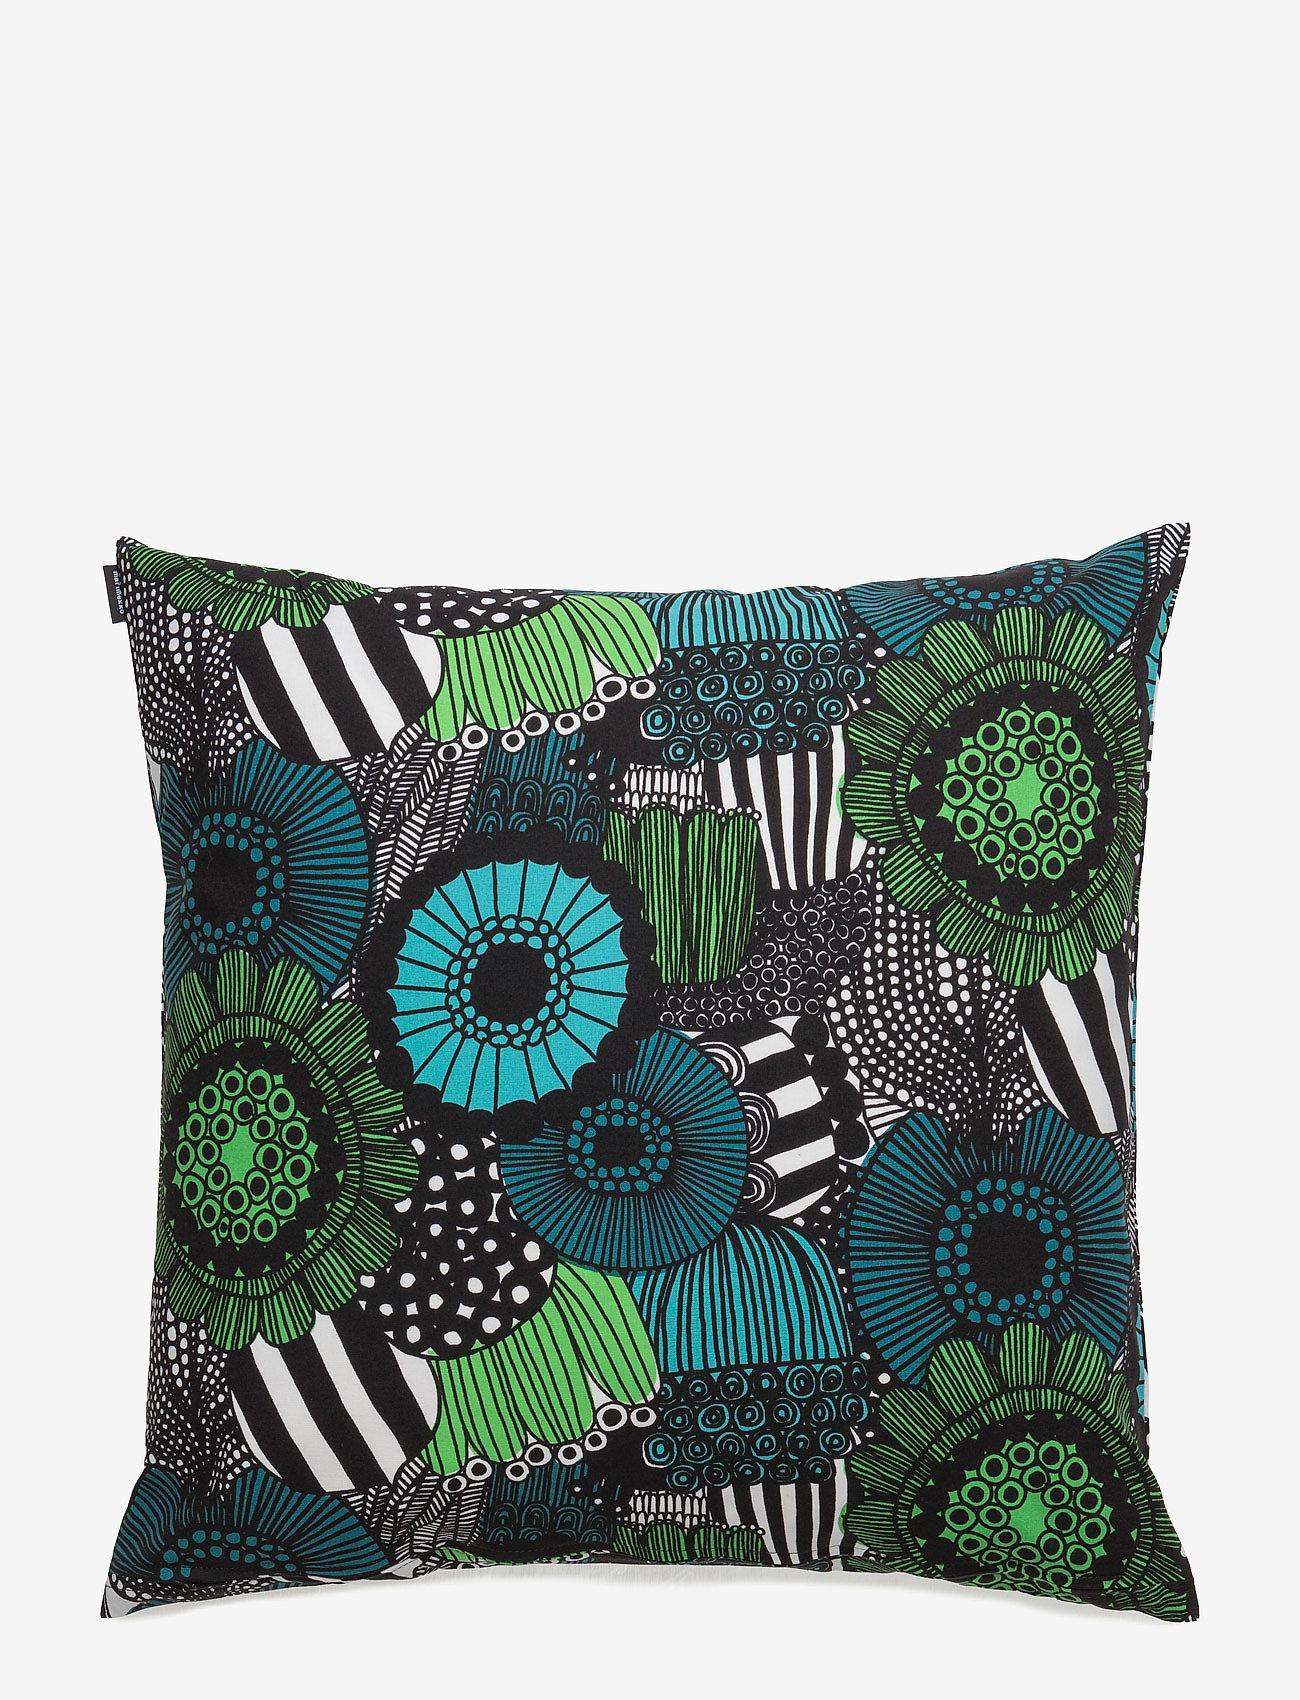 Marimekko Home - PIENI SIIRTOLAPUUTARHA CUSHION COVER - poszewki na poduszki ozdobne - white, green - 1